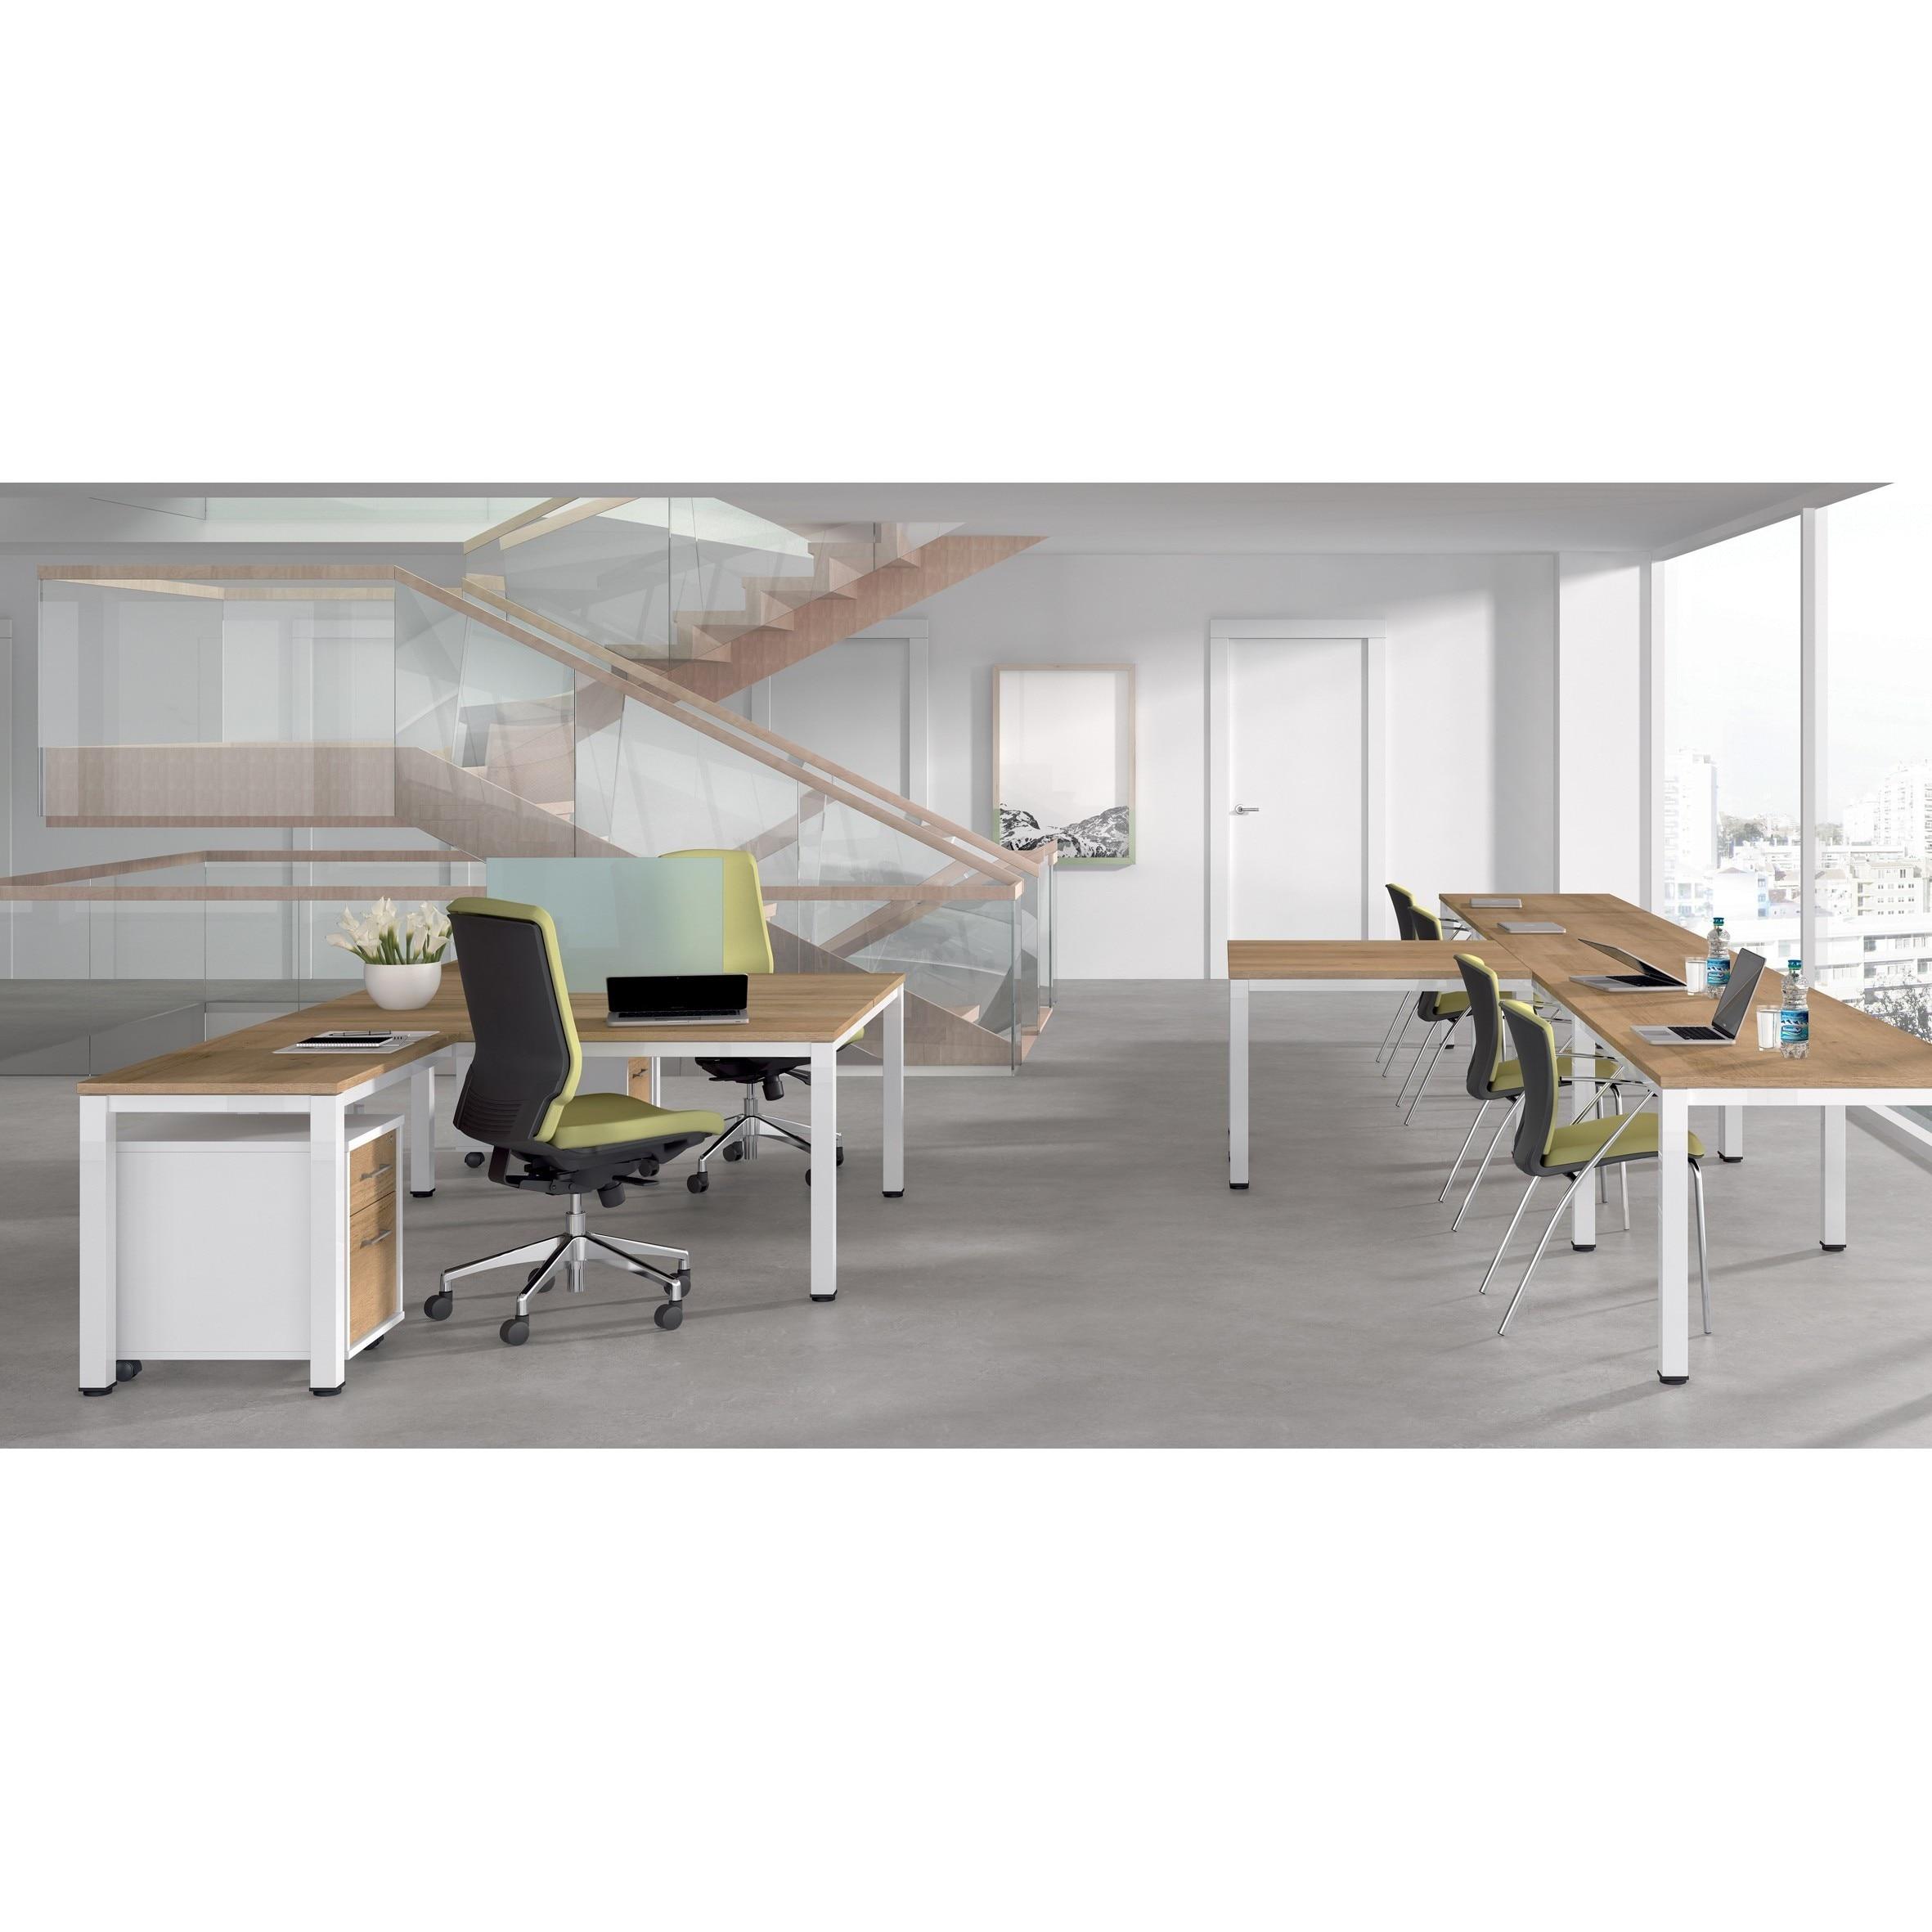 TABLE OFFICE 'S EXECUTIVE SERIES 160x80 WHITE/WHITE